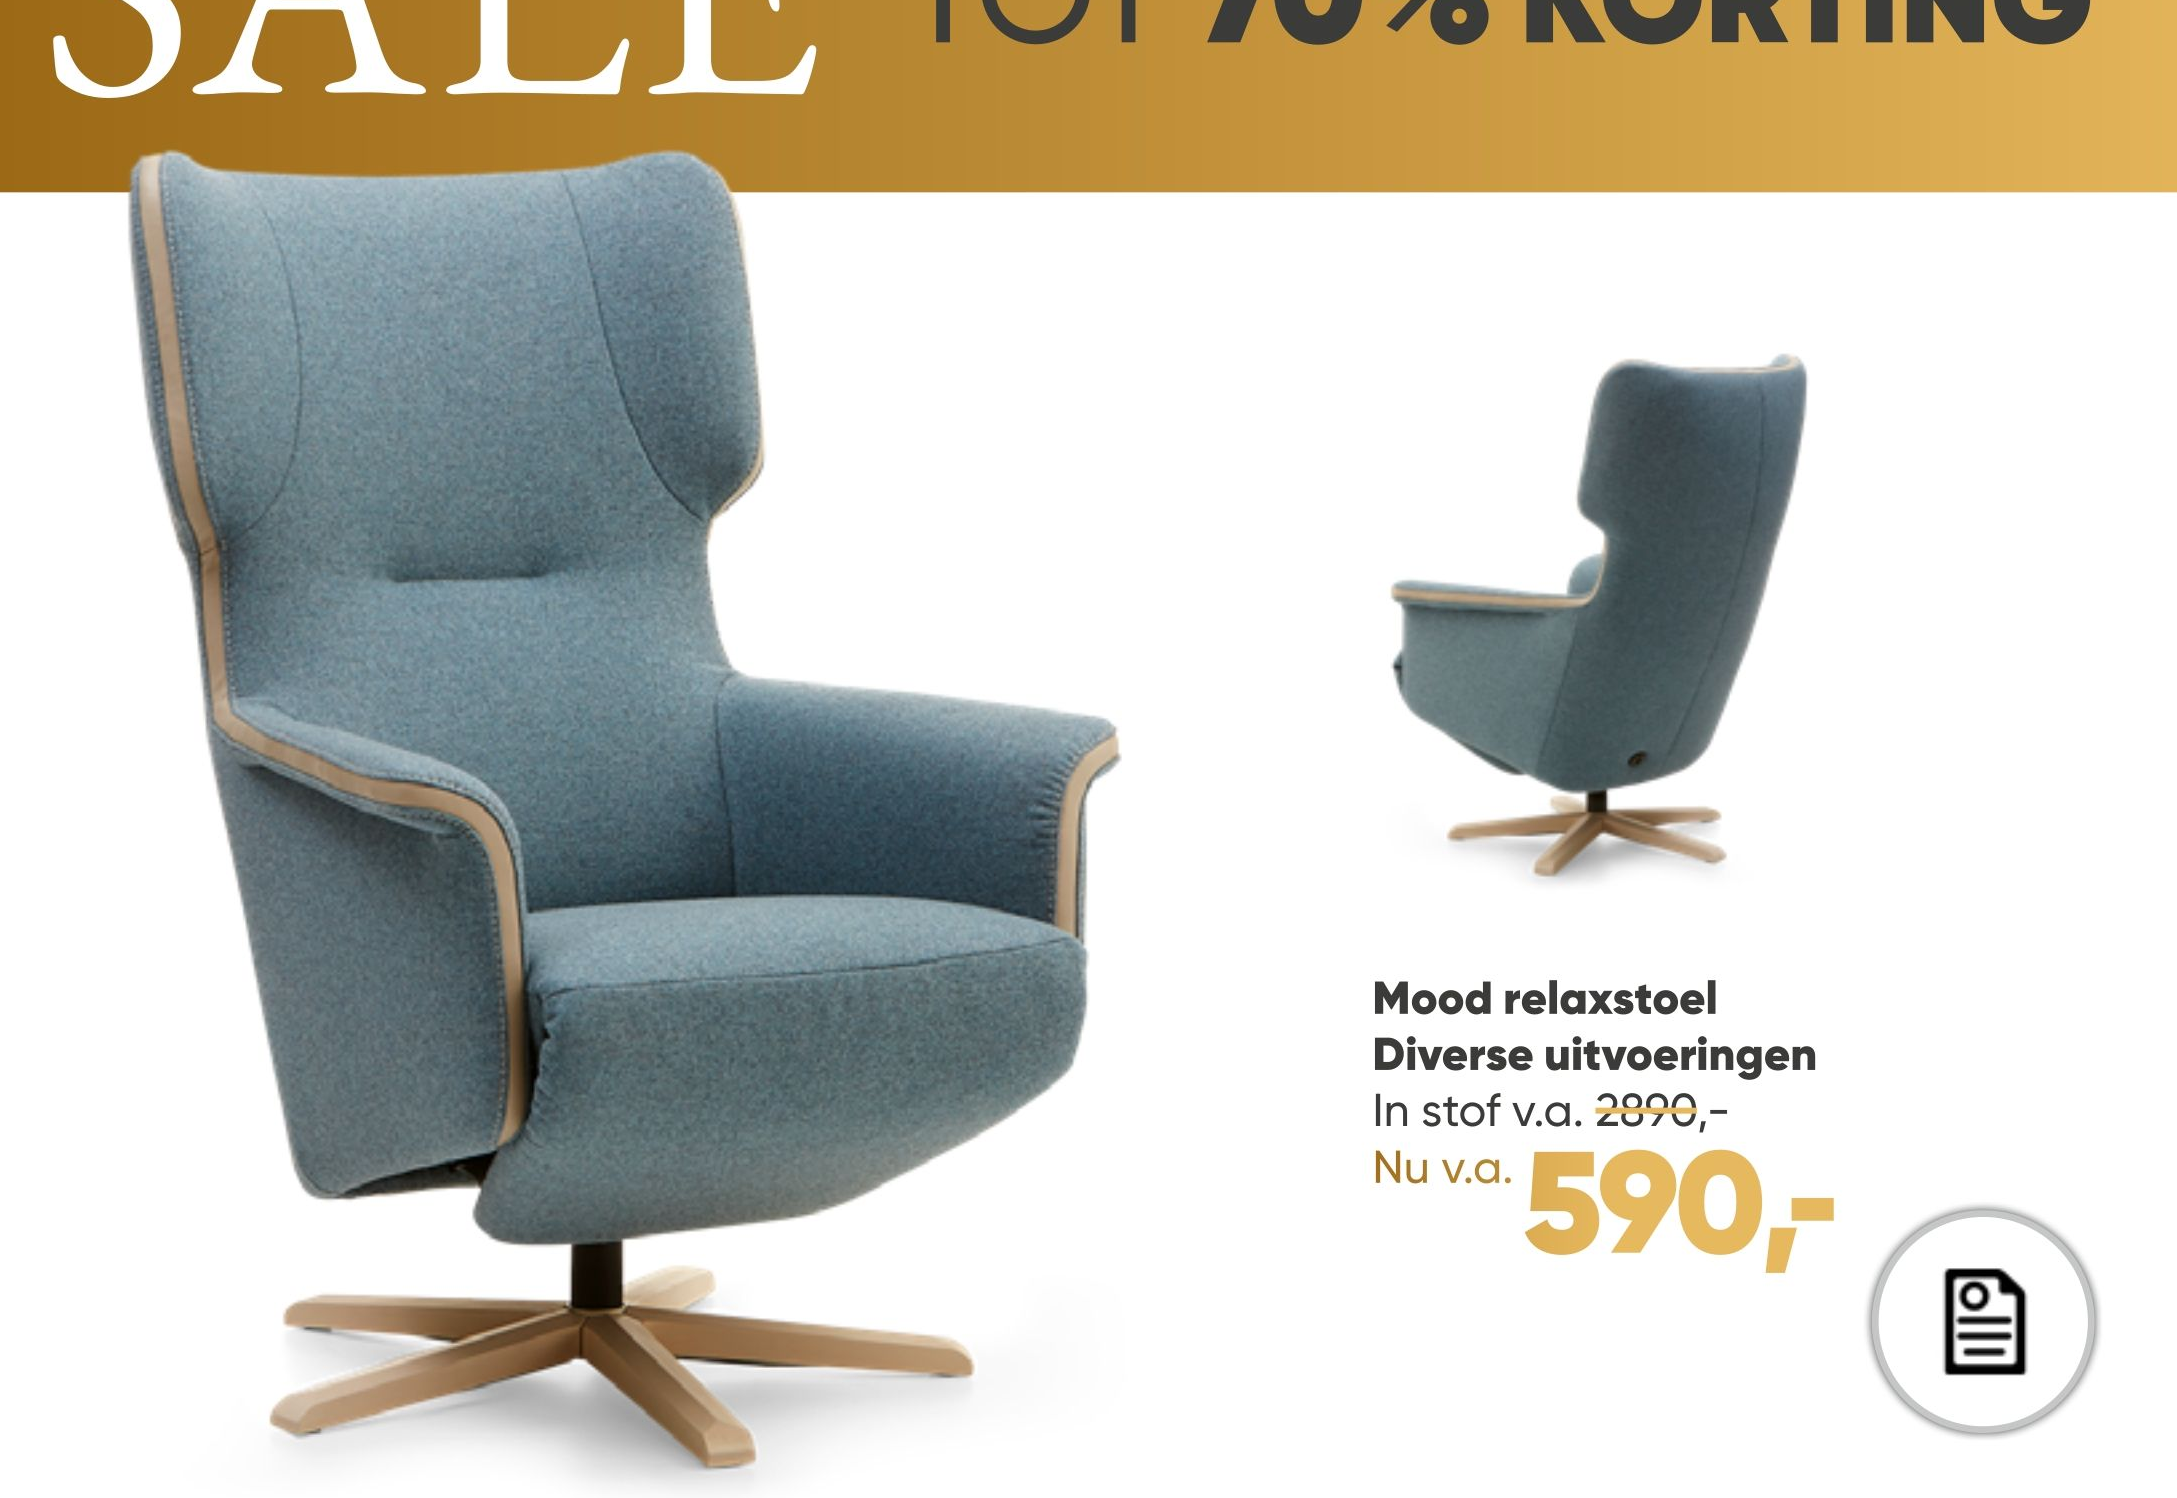 Mood relaxstoel Diverse uitvoeringen van € 2.890 voor € 590